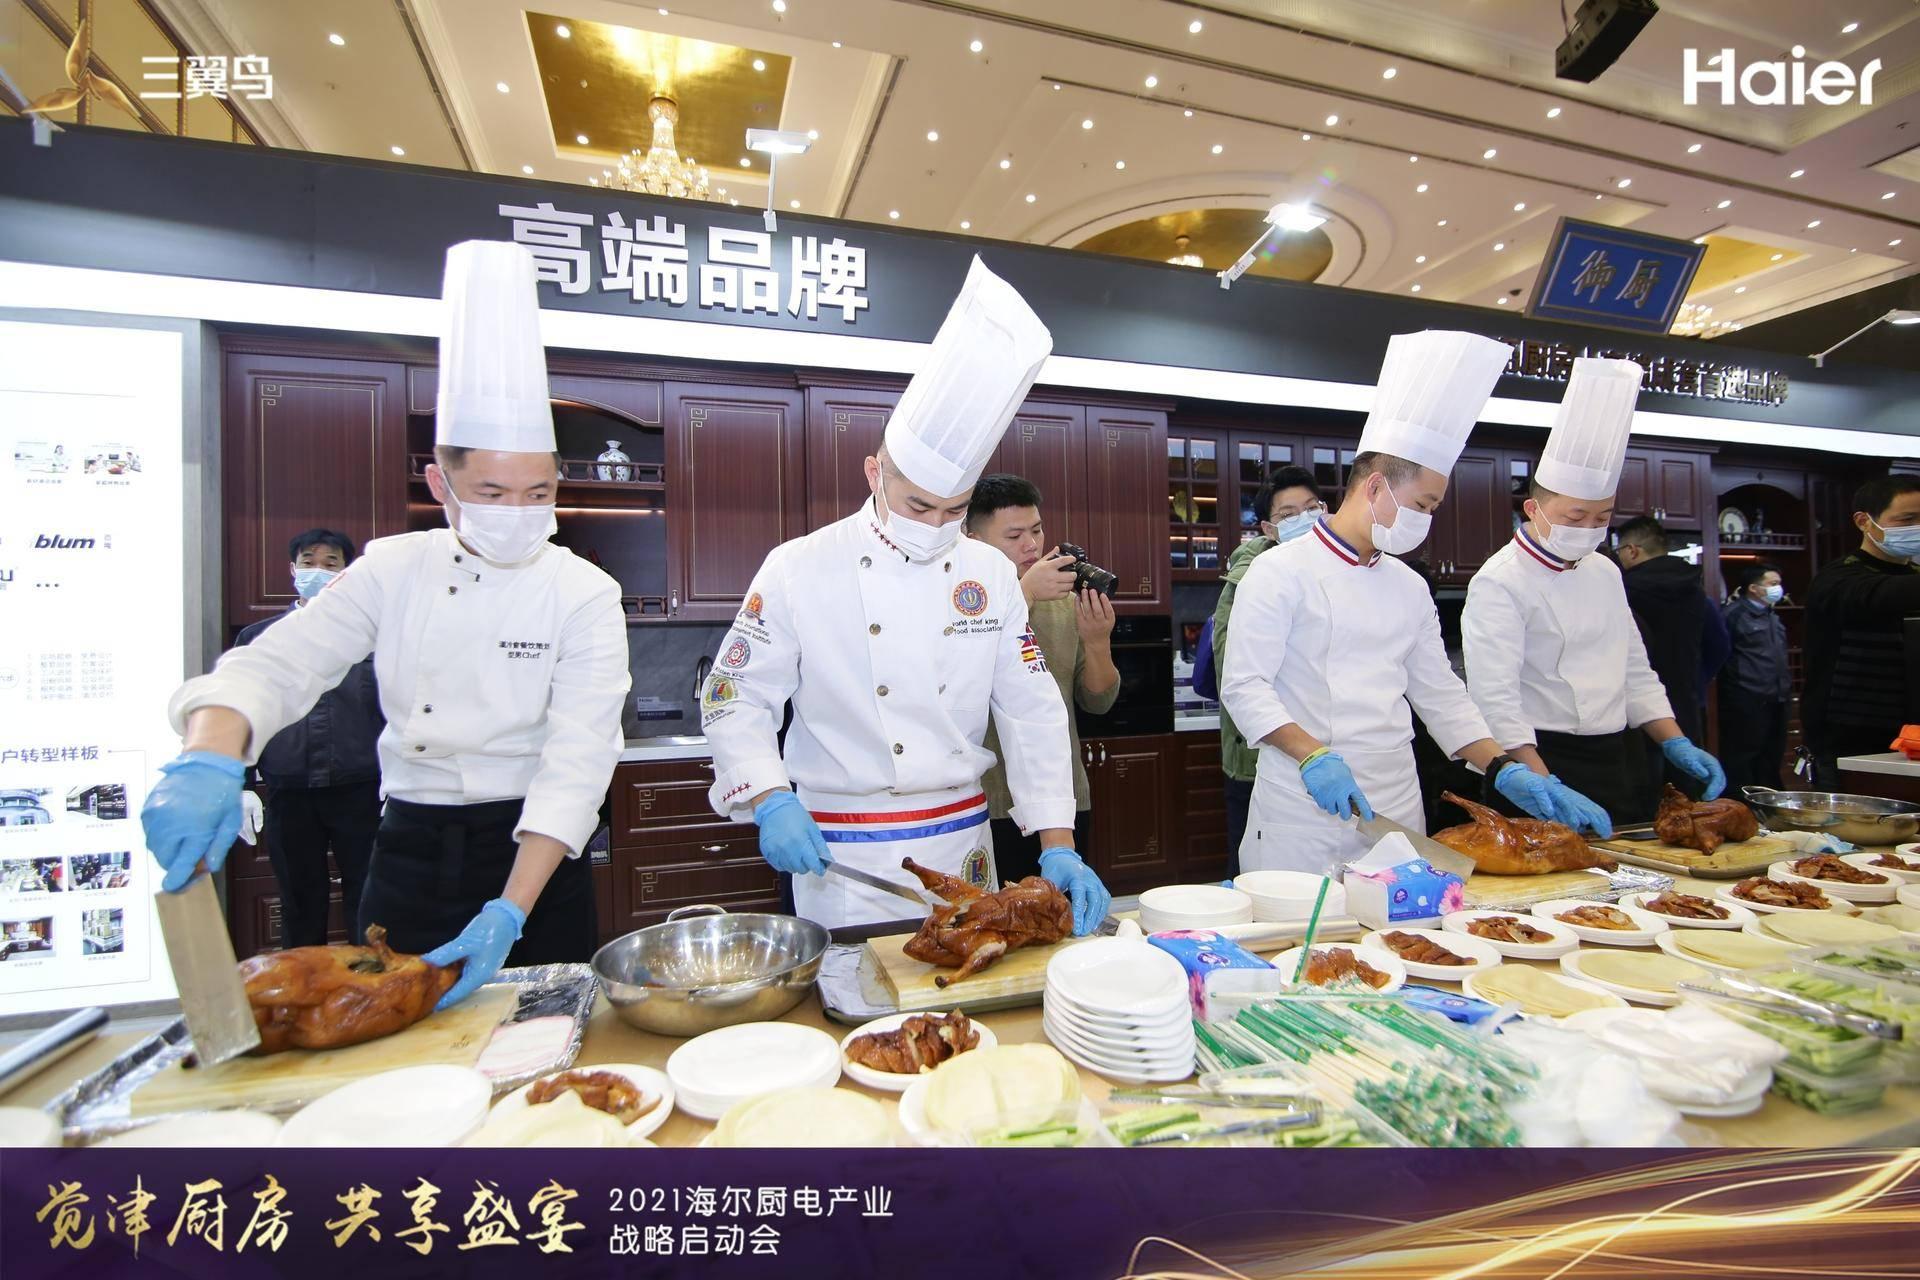 做烤鸭的不是挂炉,是烤箱!海尔食联网:在家也能吃北京烤鸭